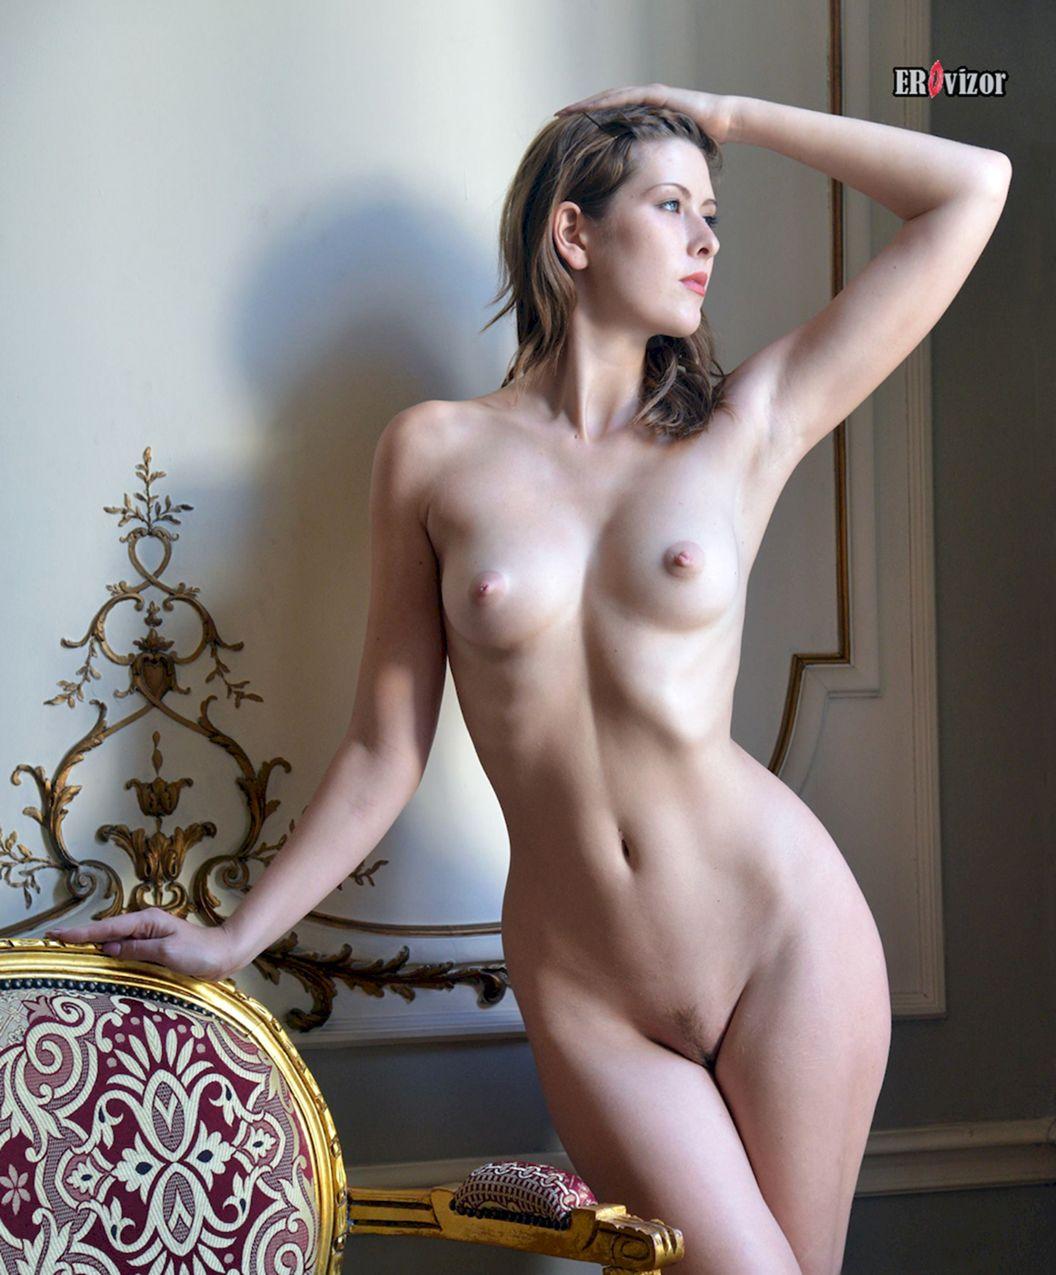 красивая женственная обнаженная фигура женщины